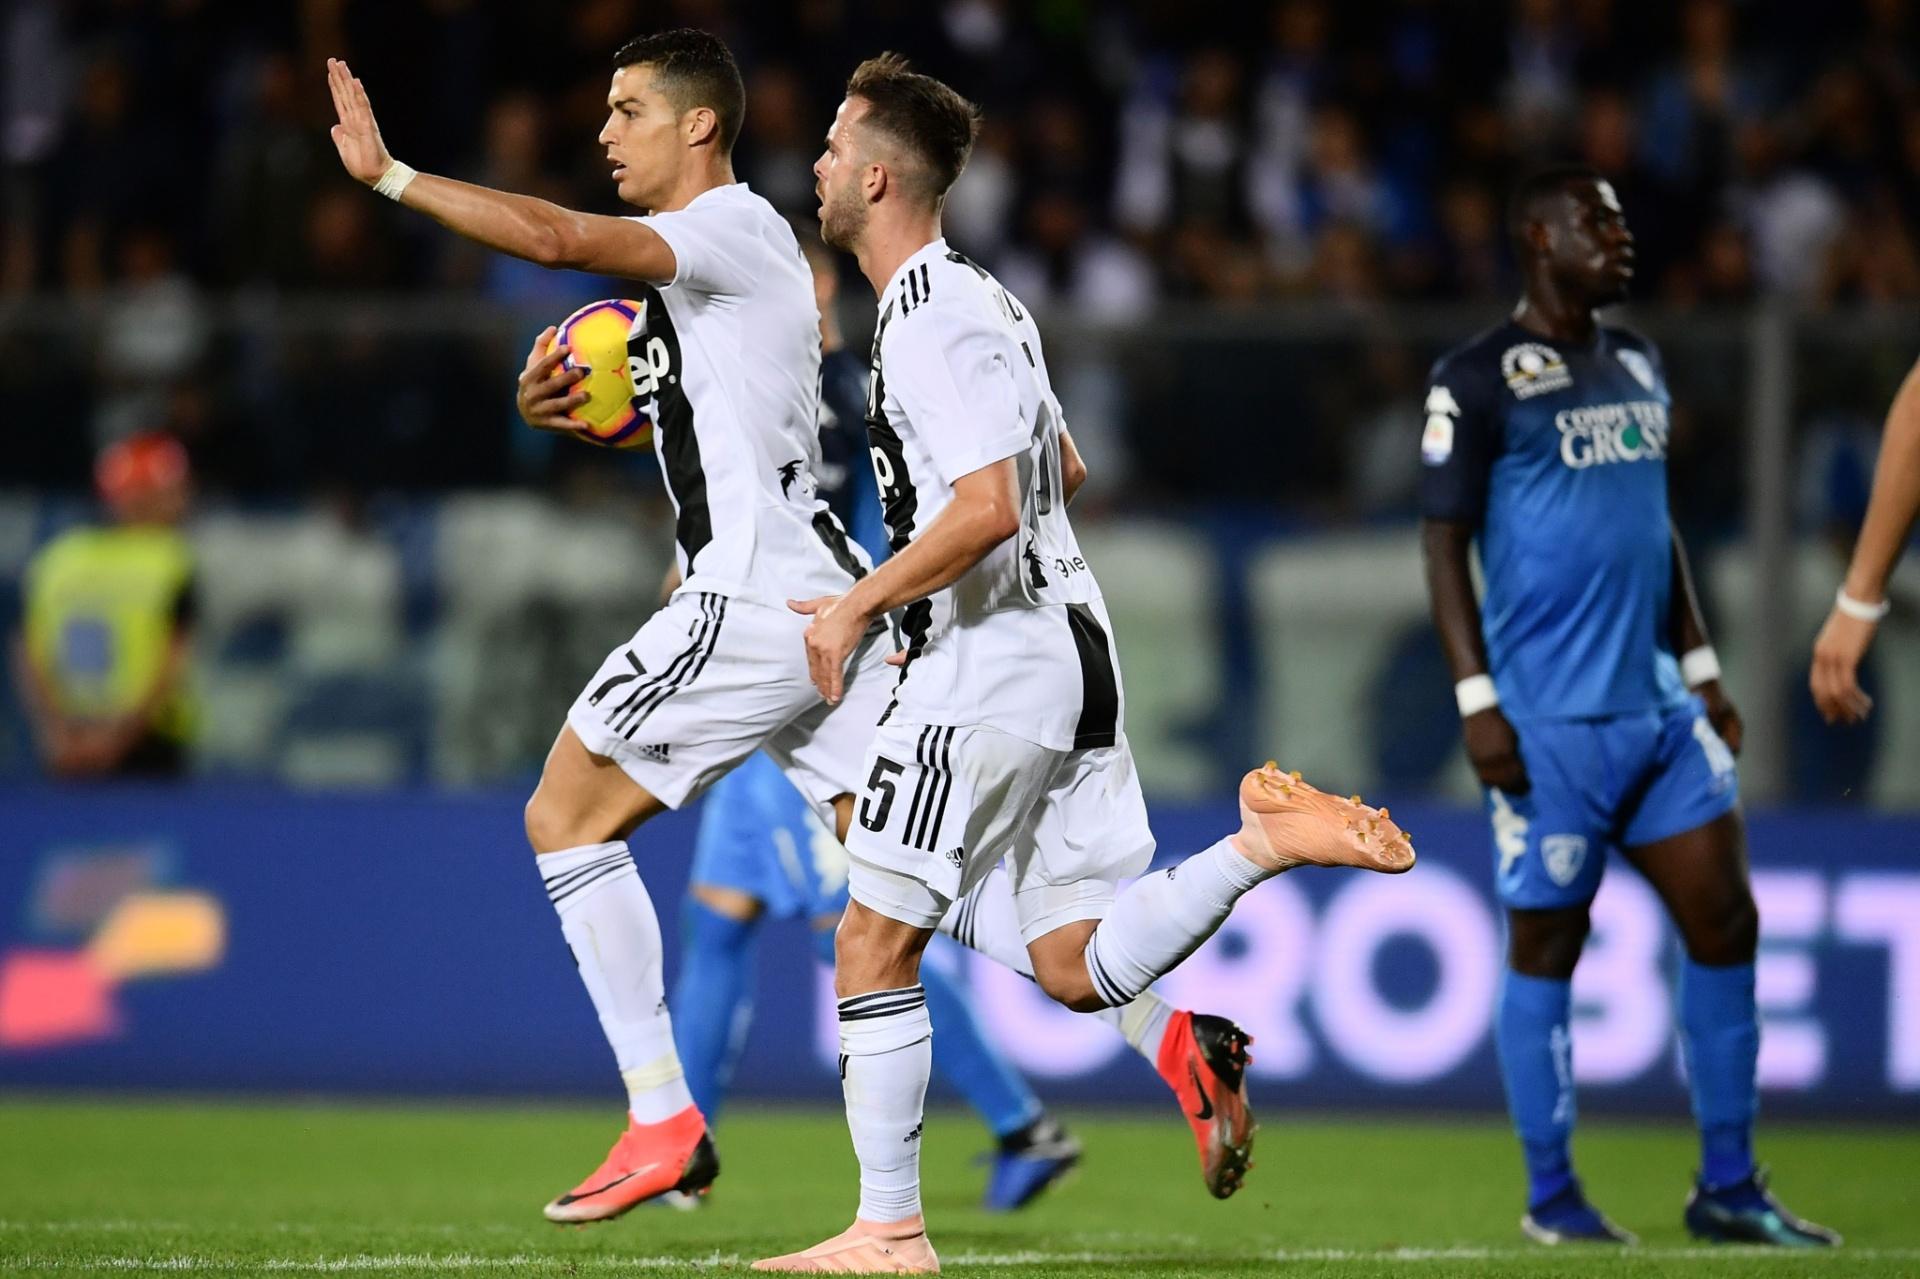 Cristiano Ronaldo faz dois e garante virada da líder Juventus no Italiano -  27 10 2018 - UOL Esporte bbd973ba31527